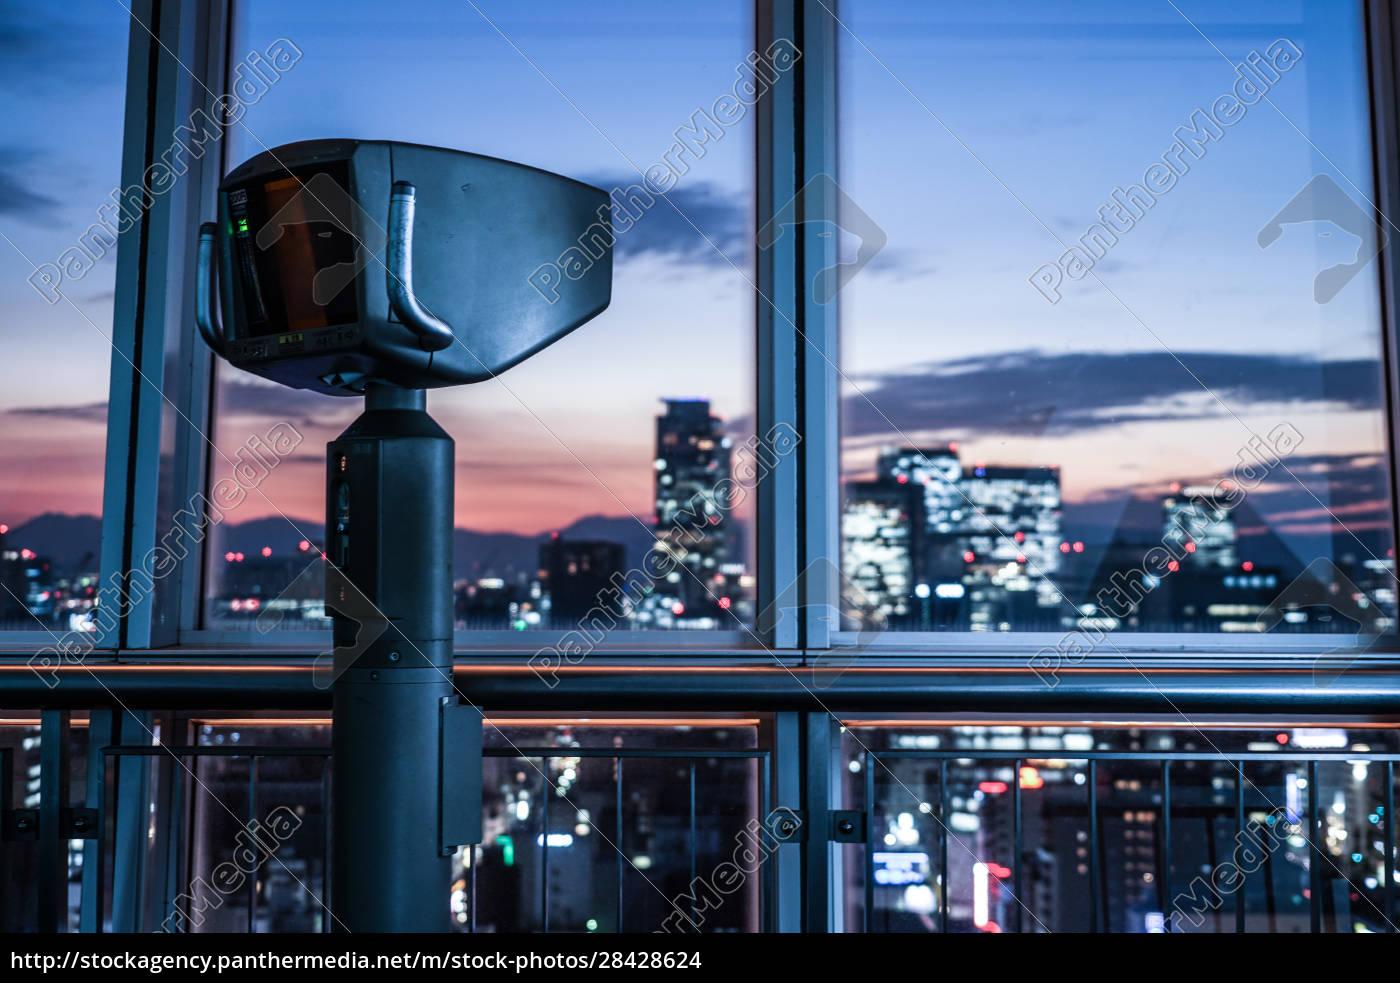 observatório, da, torre, de, tv, de - 28428624